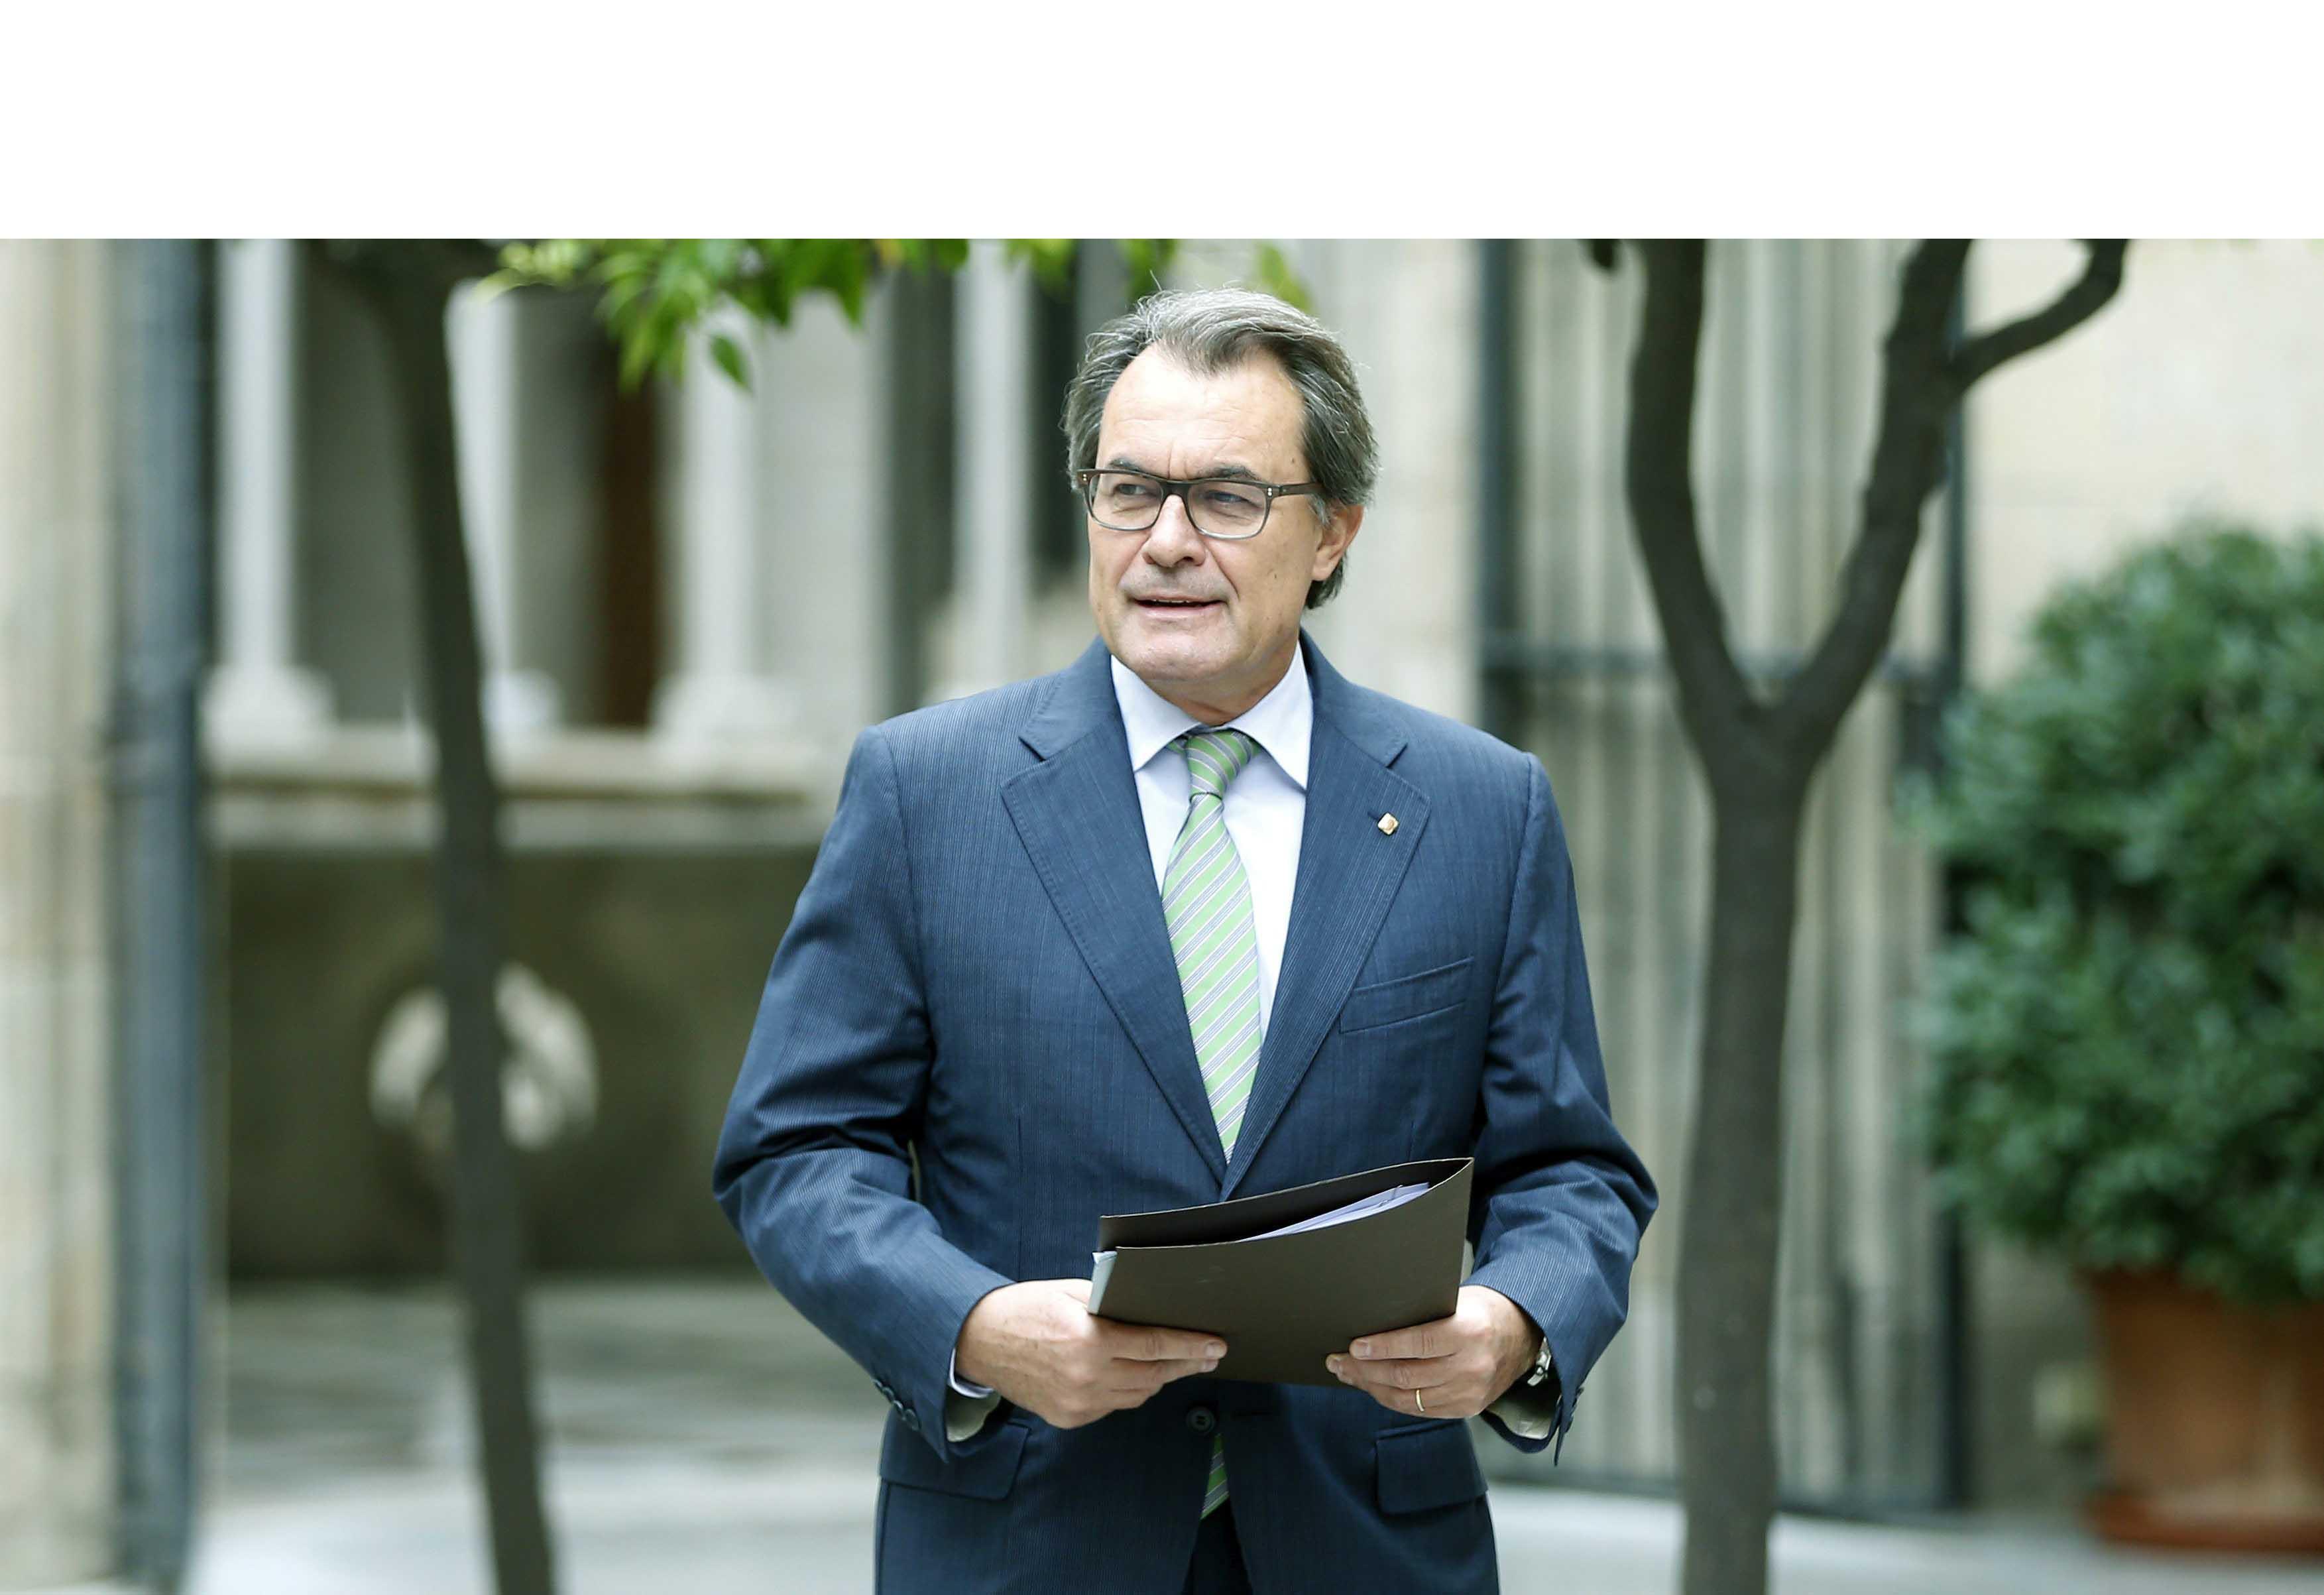 El ex jefe de gobierno, de 60 años, dejó la presidencia del ejecutivo catalán el pasado enero, tras presiones de anticapitalista